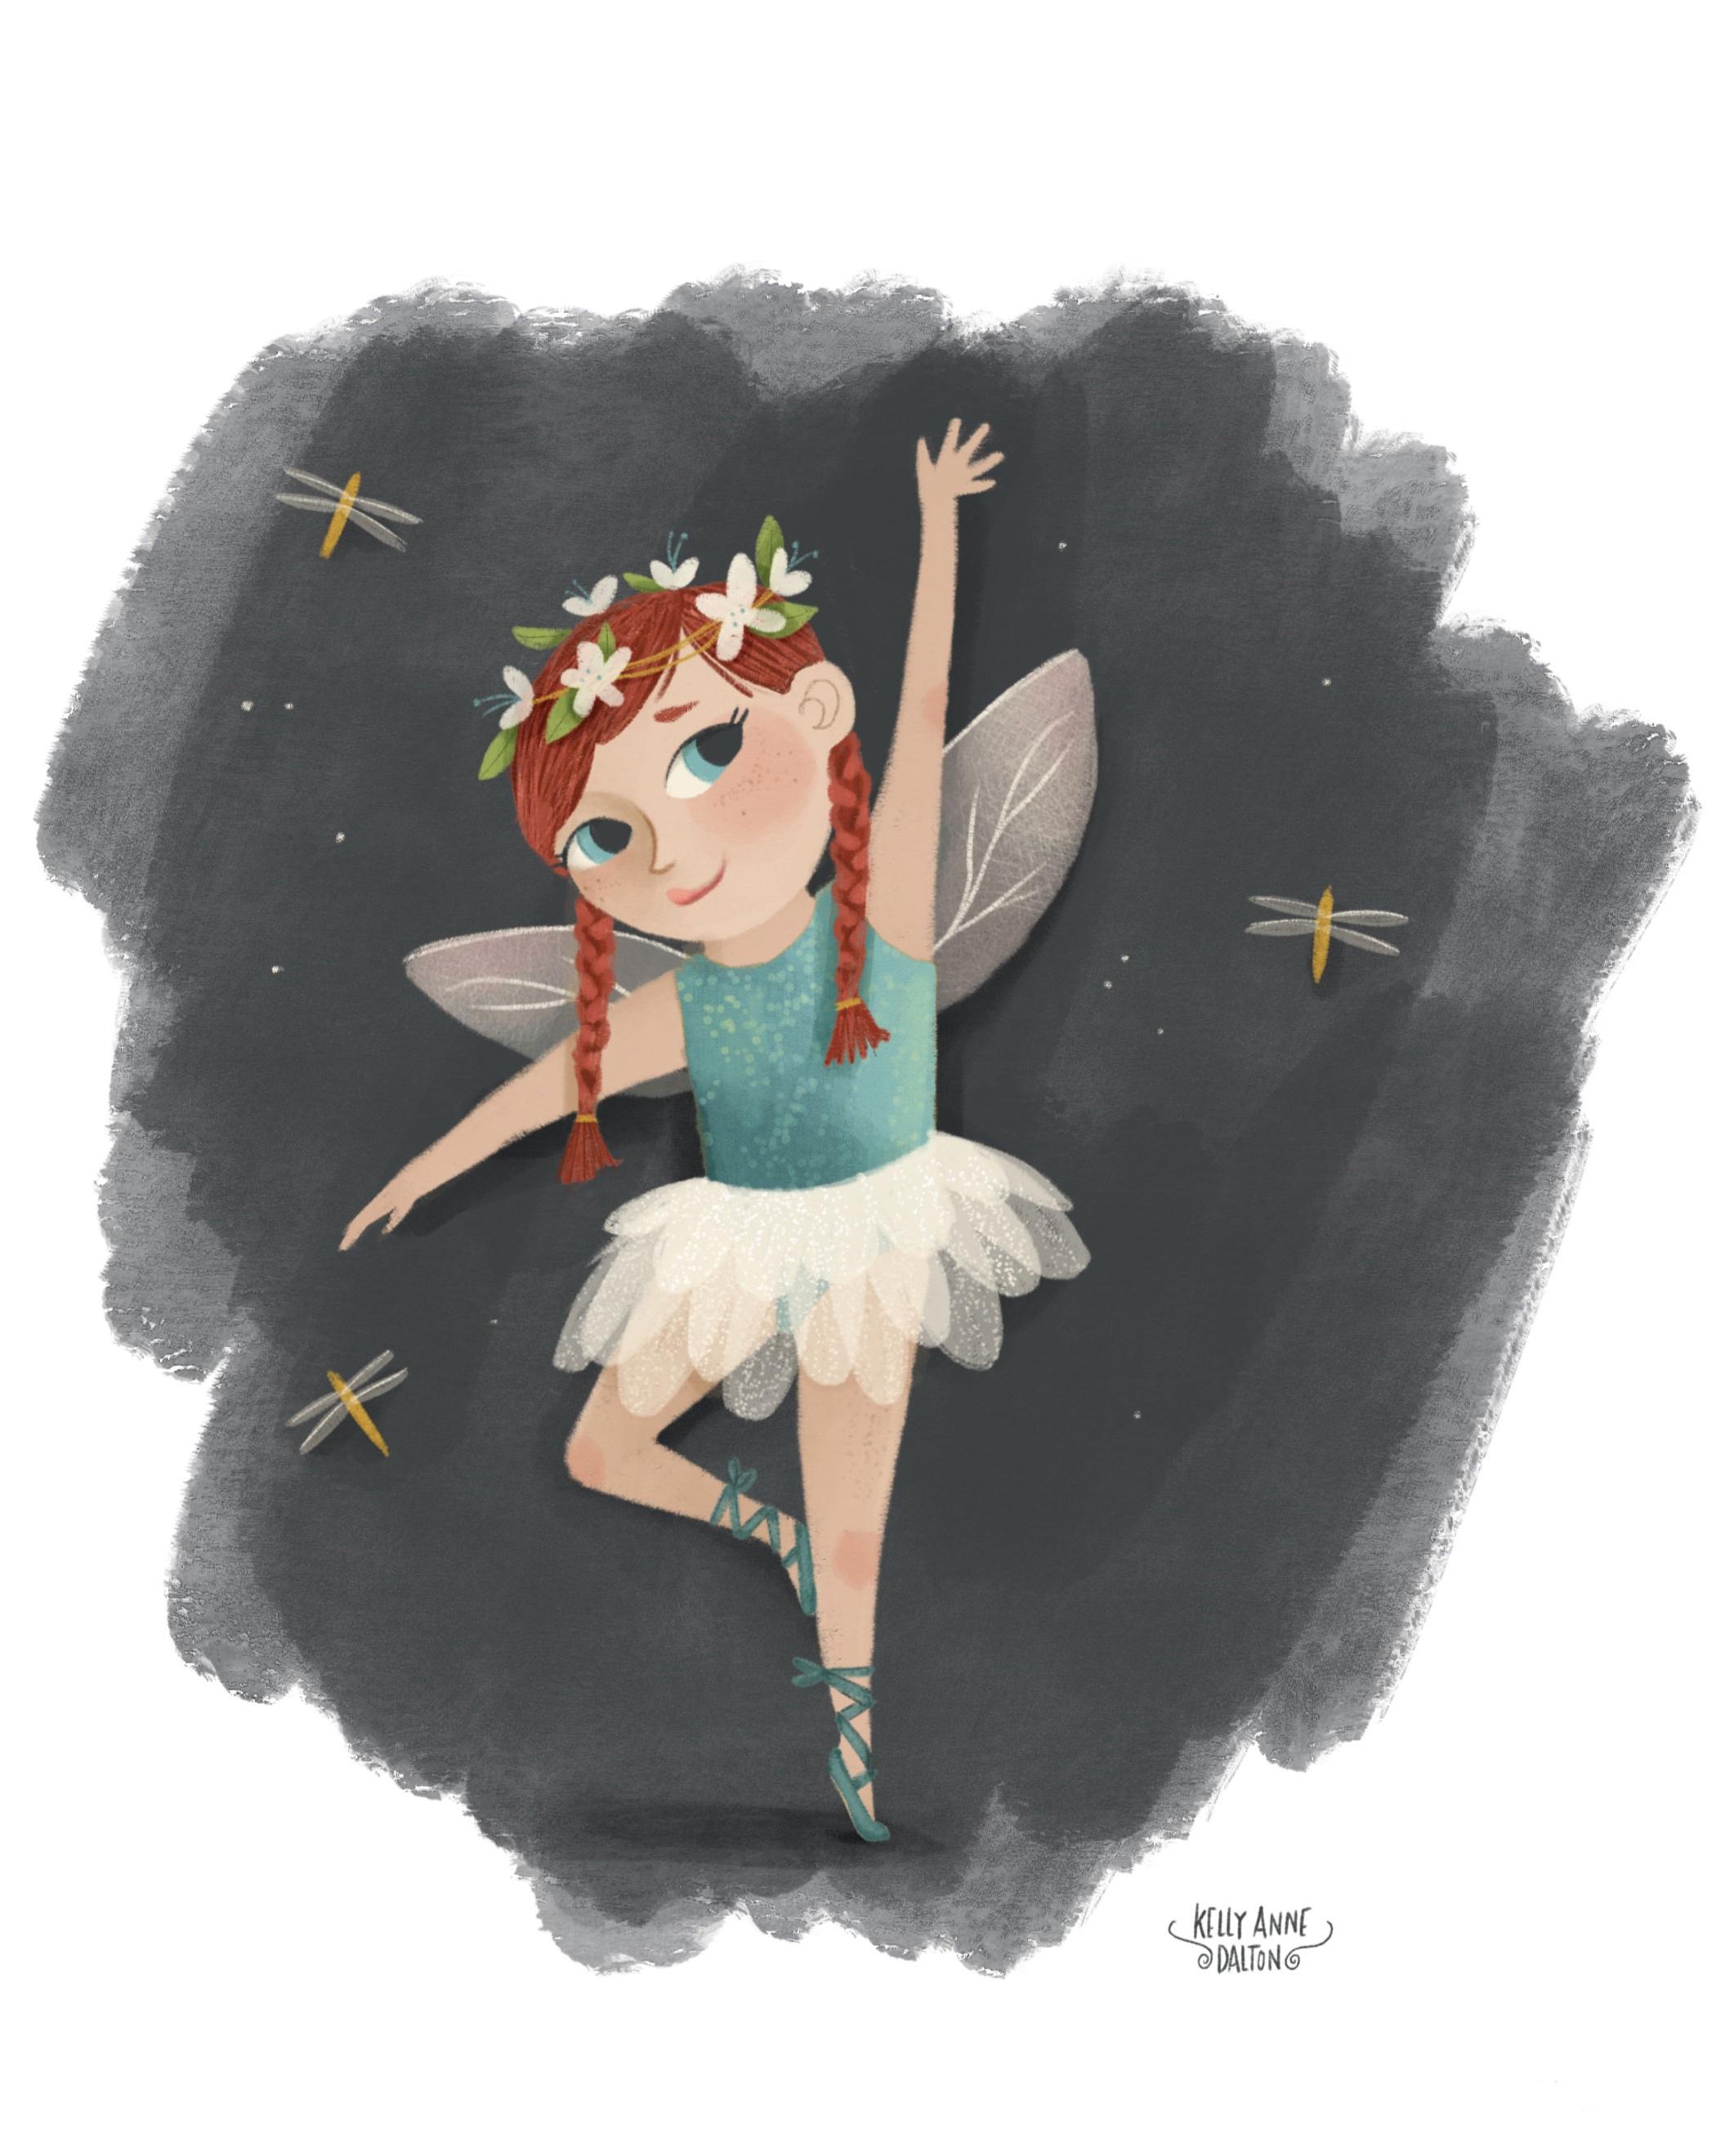 KellyAnne_Dalton_Ballerina.jpg